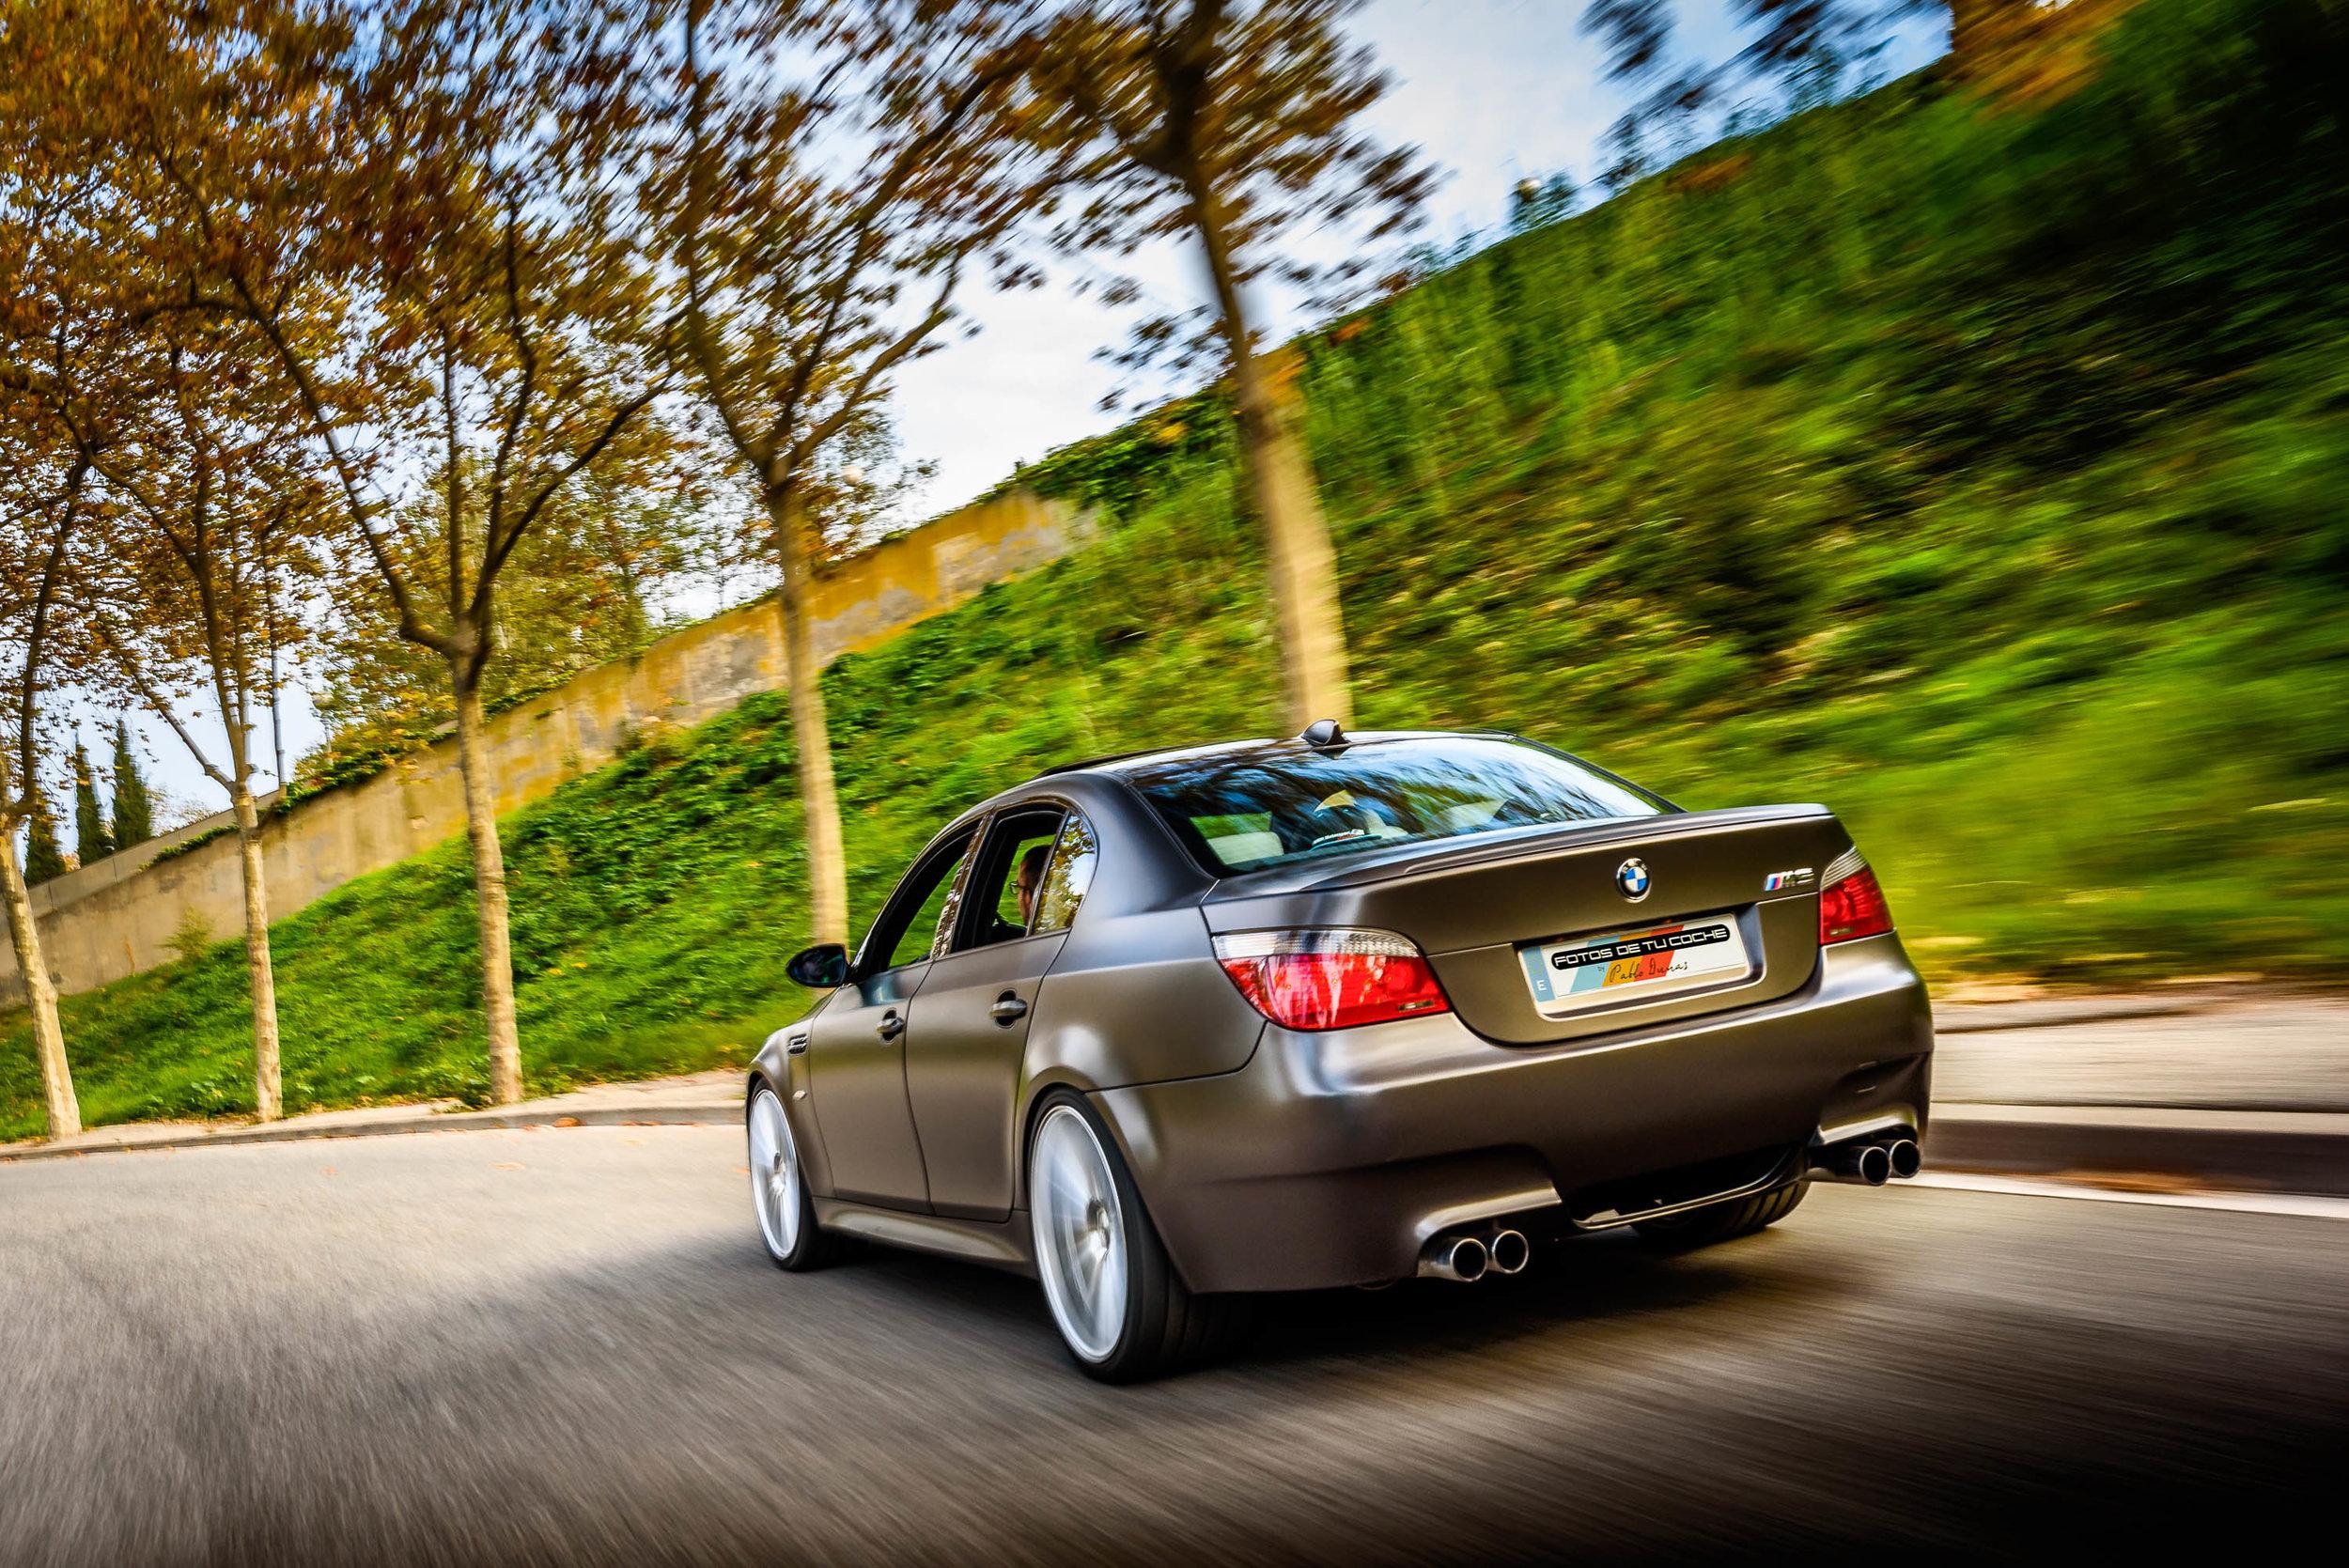 BMW M5 E60 Jaime-Fotos de tu coche by Pablo Dunas-106.jpg